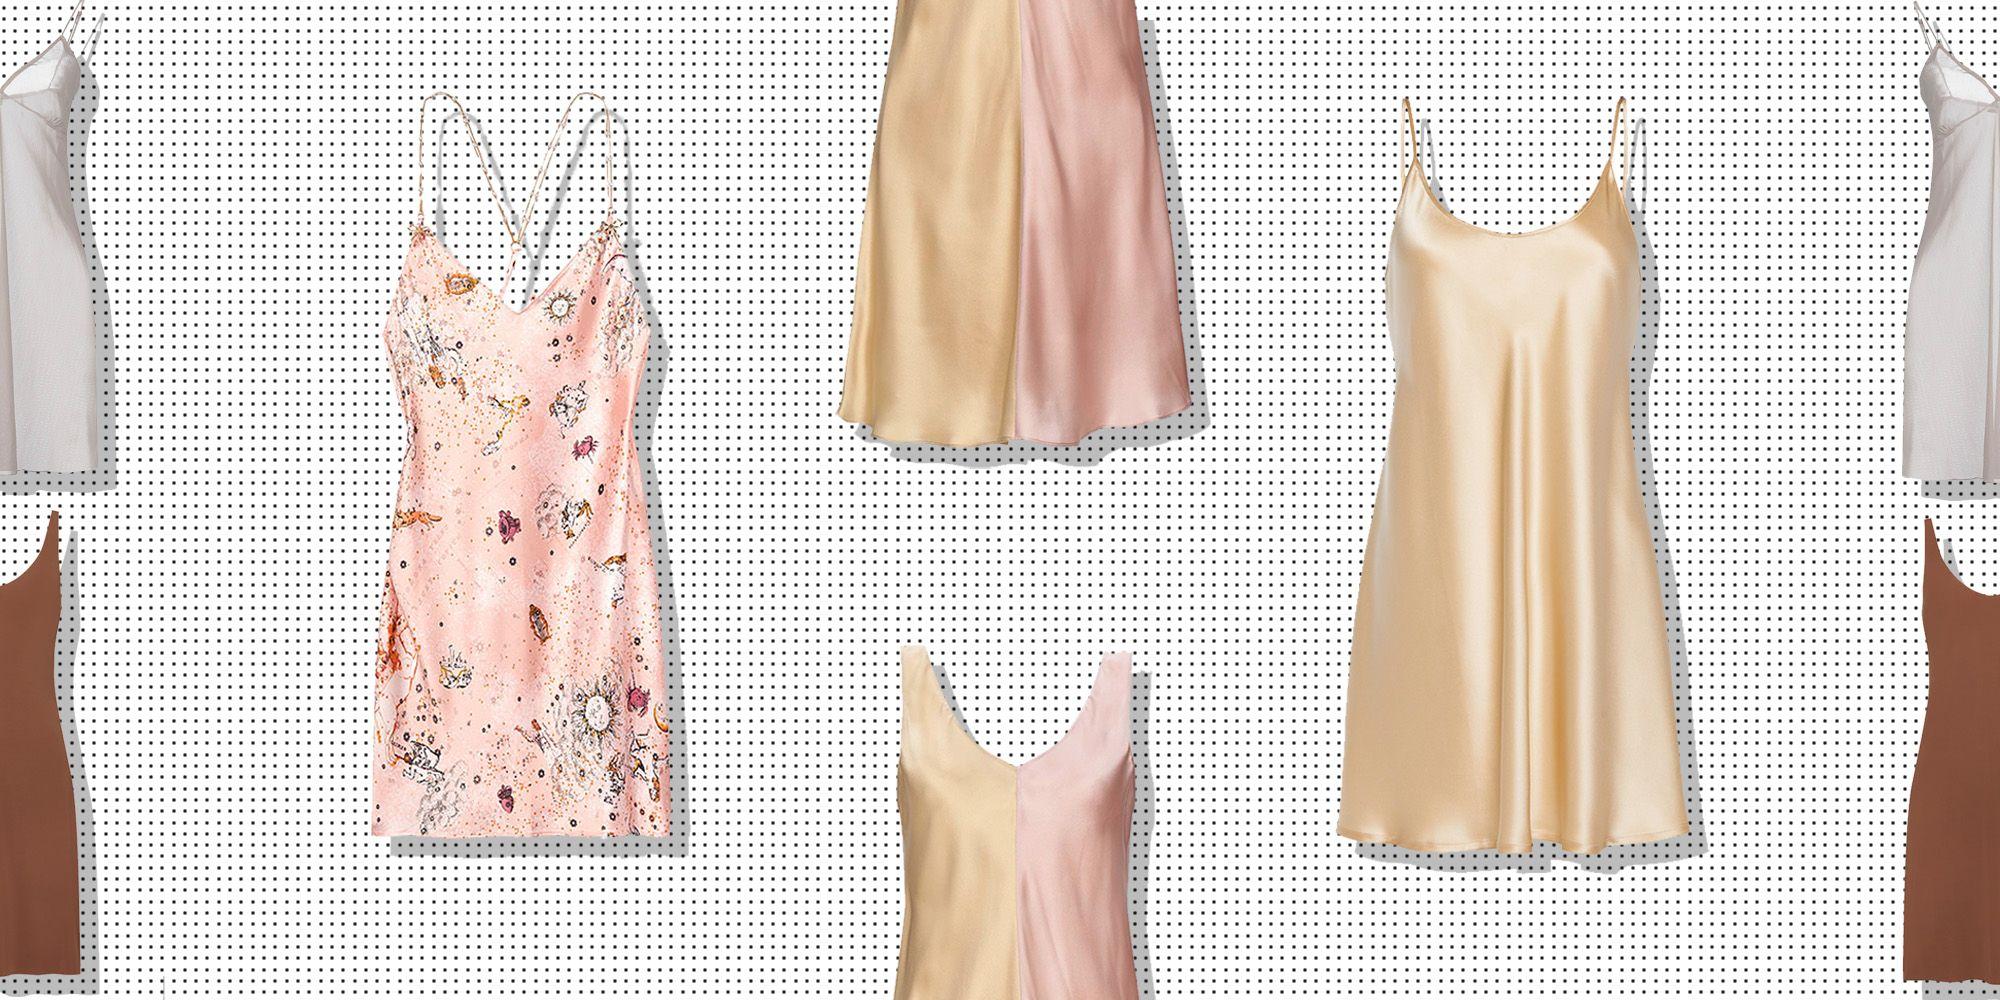 8 Best Under Slips For Dresses To Buy In 8